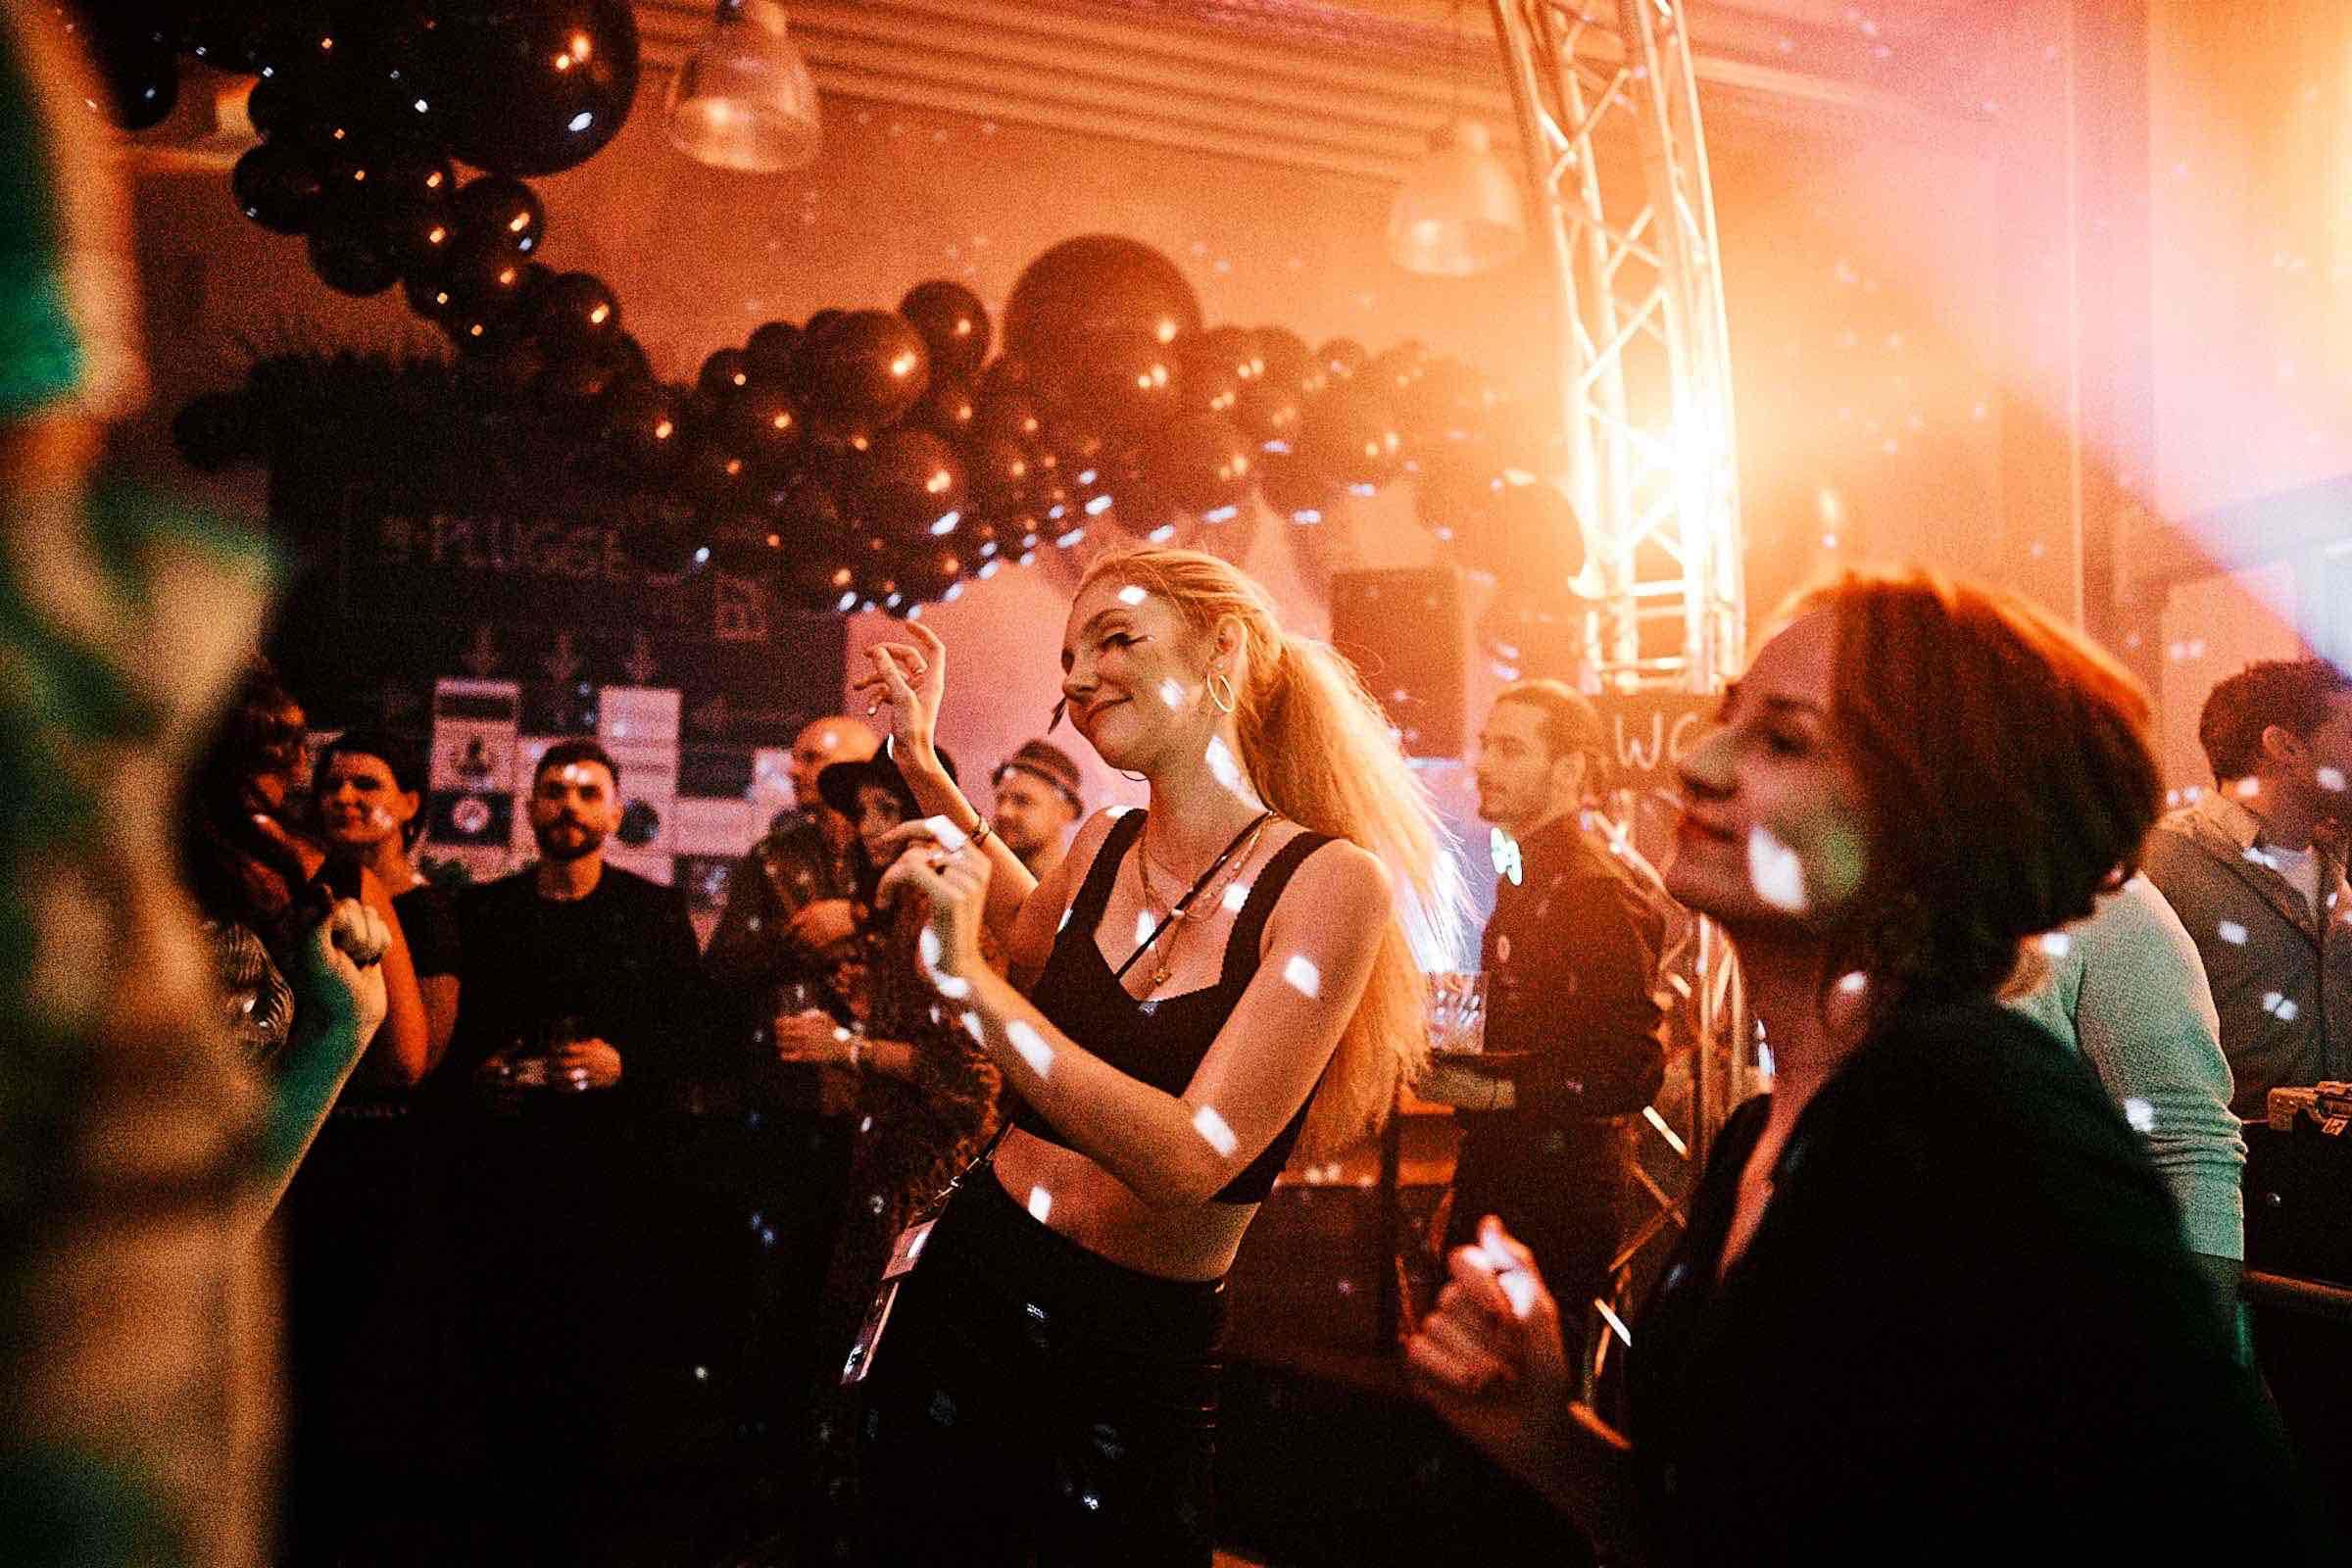 DJ | Hamburg | DJ | Agentur | DJ | Messe | Hochzeits | DJ | Hamburg | DJ | Firmenevent | Firmenfeier | DJ | Geburtstag | DJ | Weihnachtsfeier | DJ | Sommerfest | Hamburg | Buchen | Anfragen | Hamburgfeiert